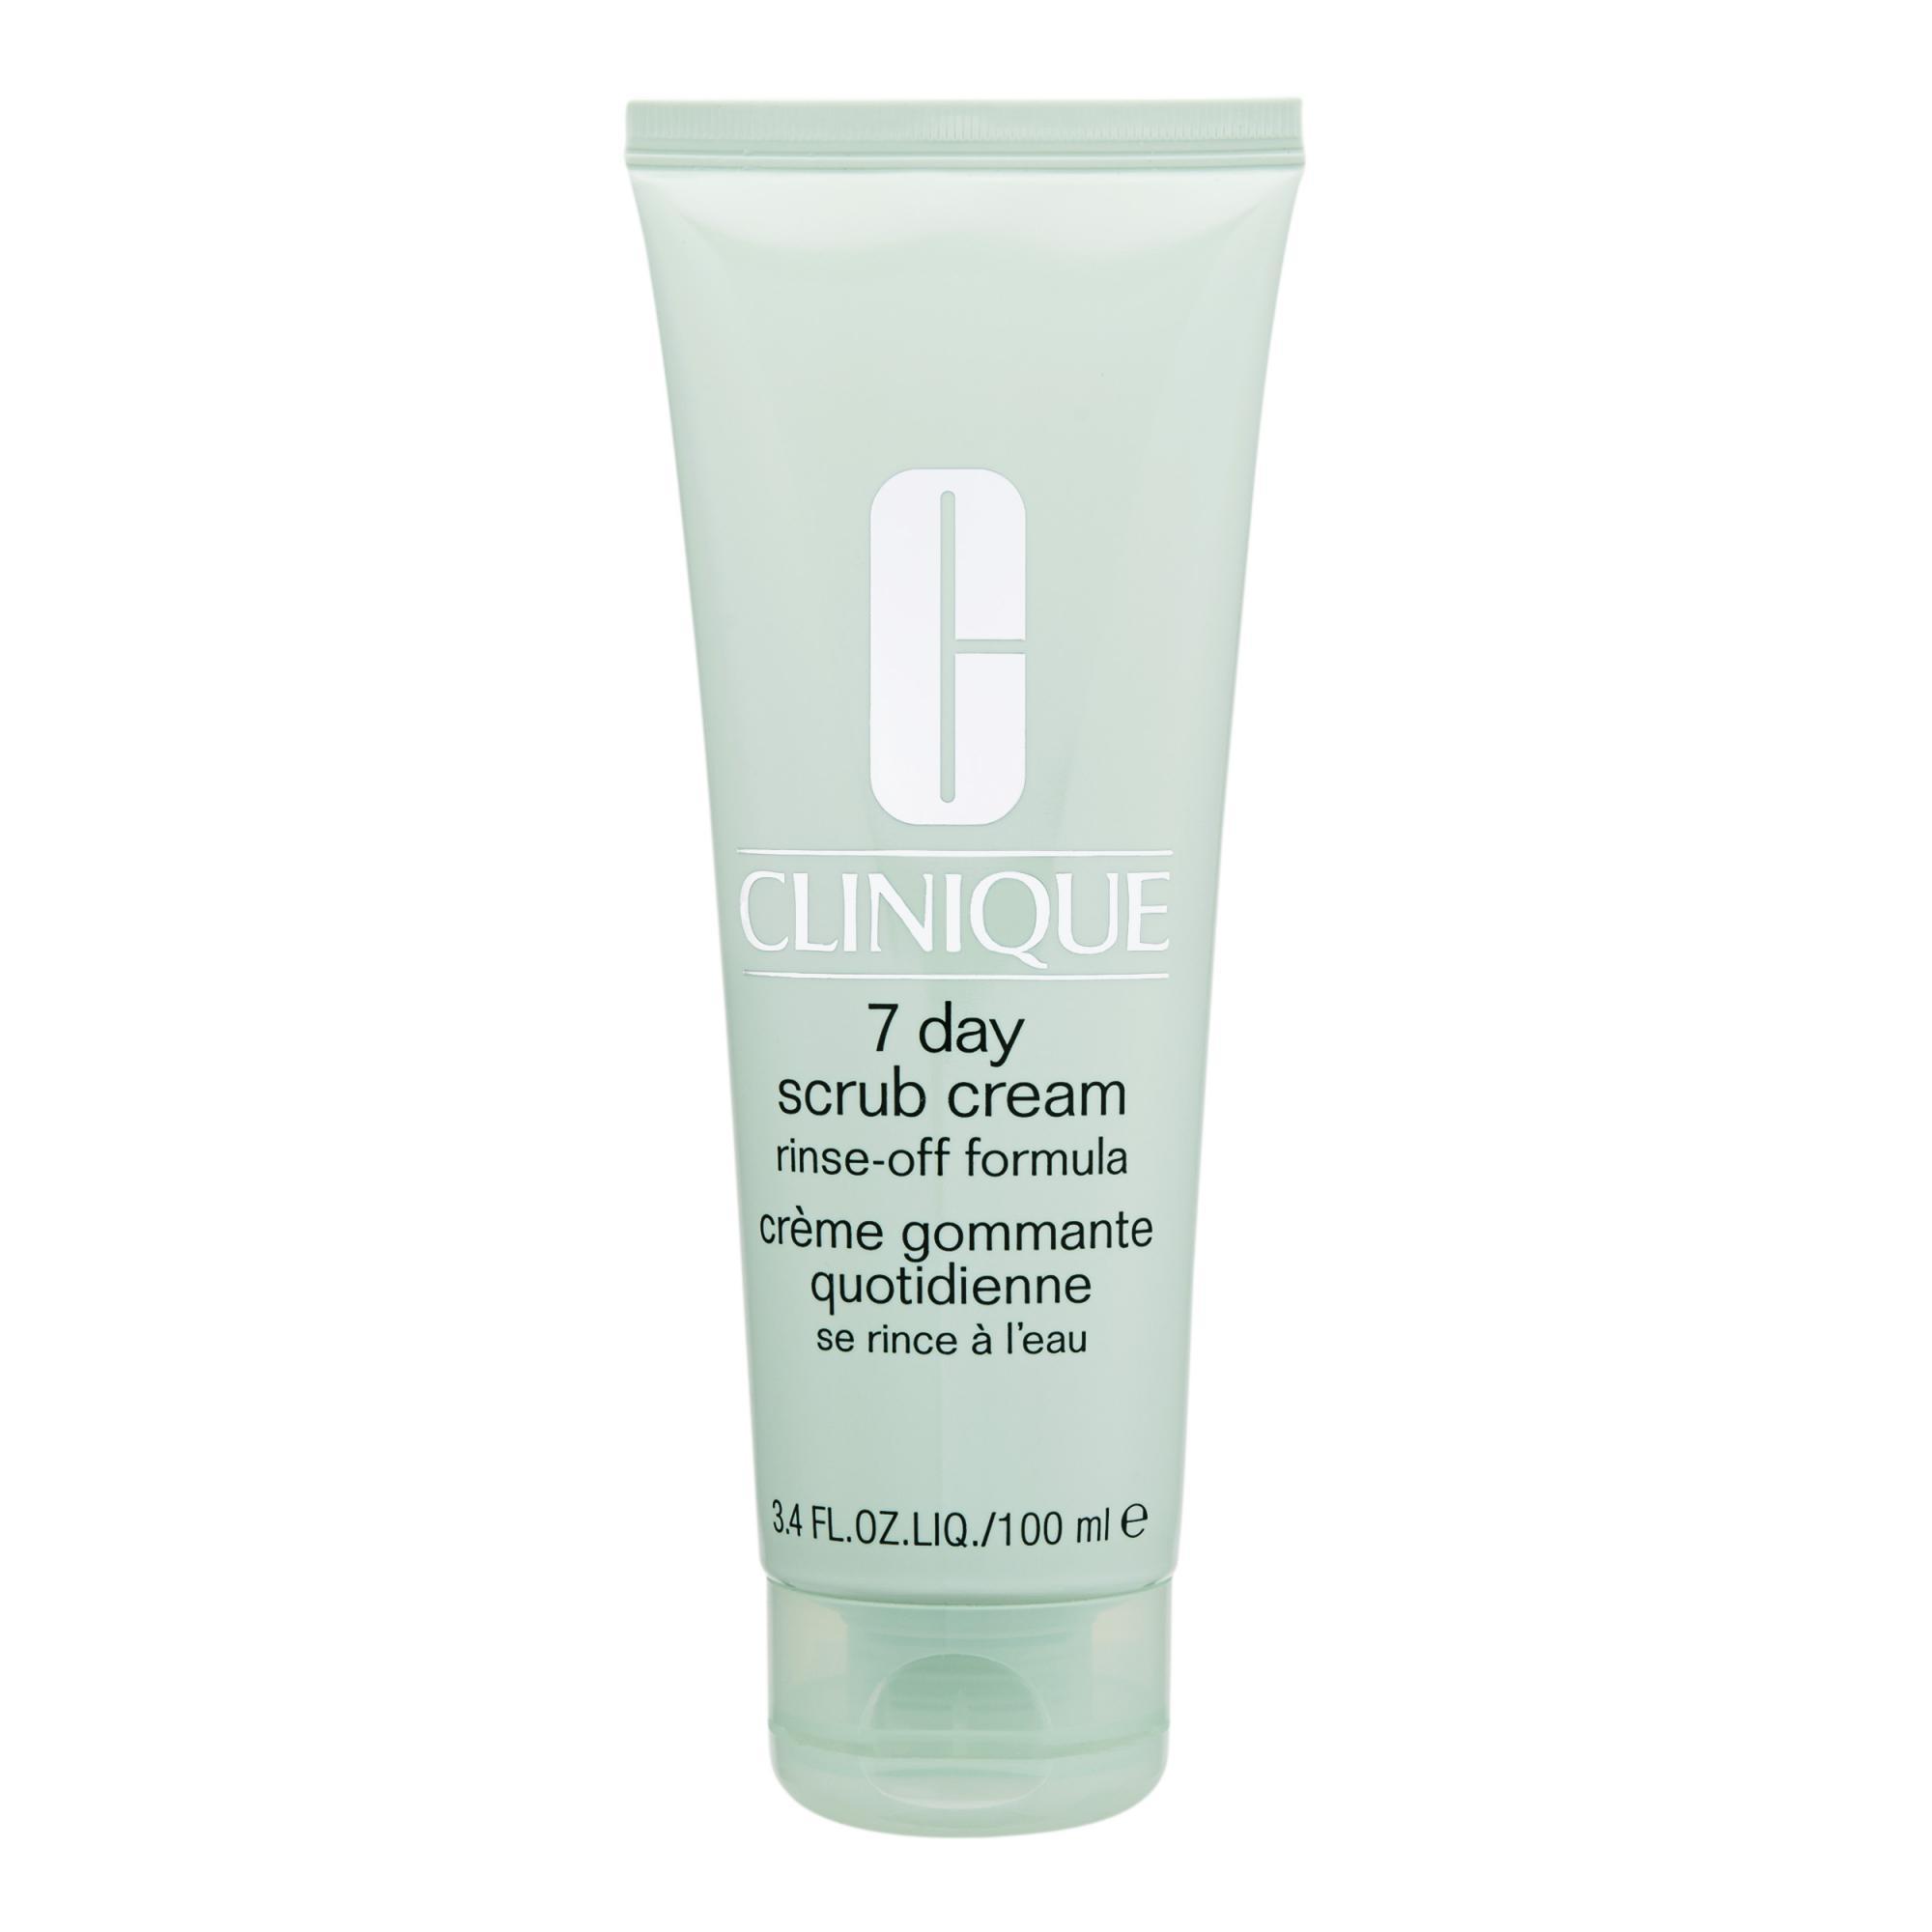 Buy Clinique 7 Day Scrub Cream Rinse Off Formula 100Ml 3 4Oz Intl